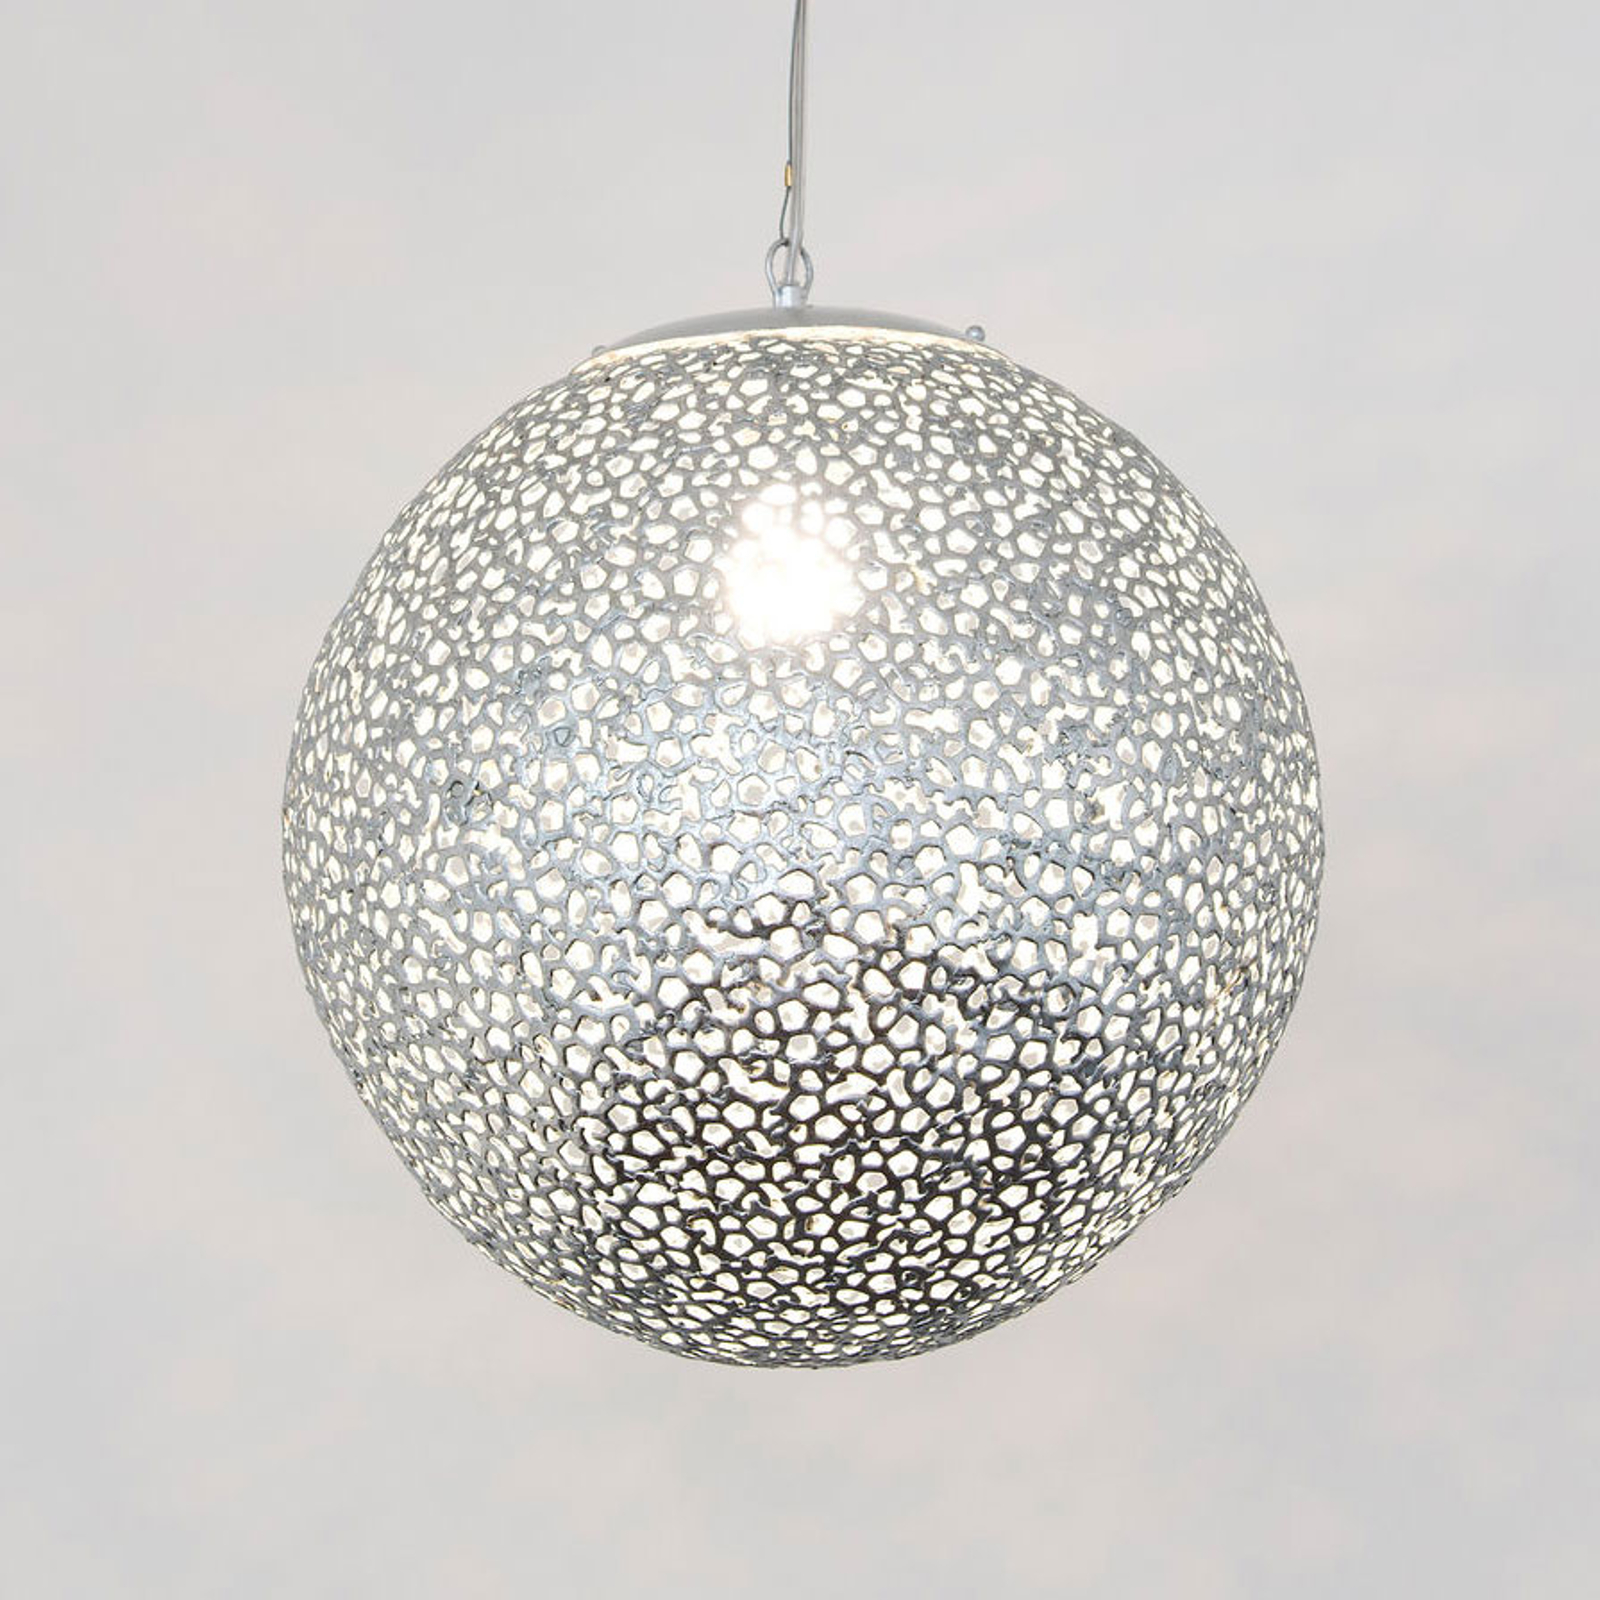 Utopistico hængelampe i sølv, Ø 40 cm